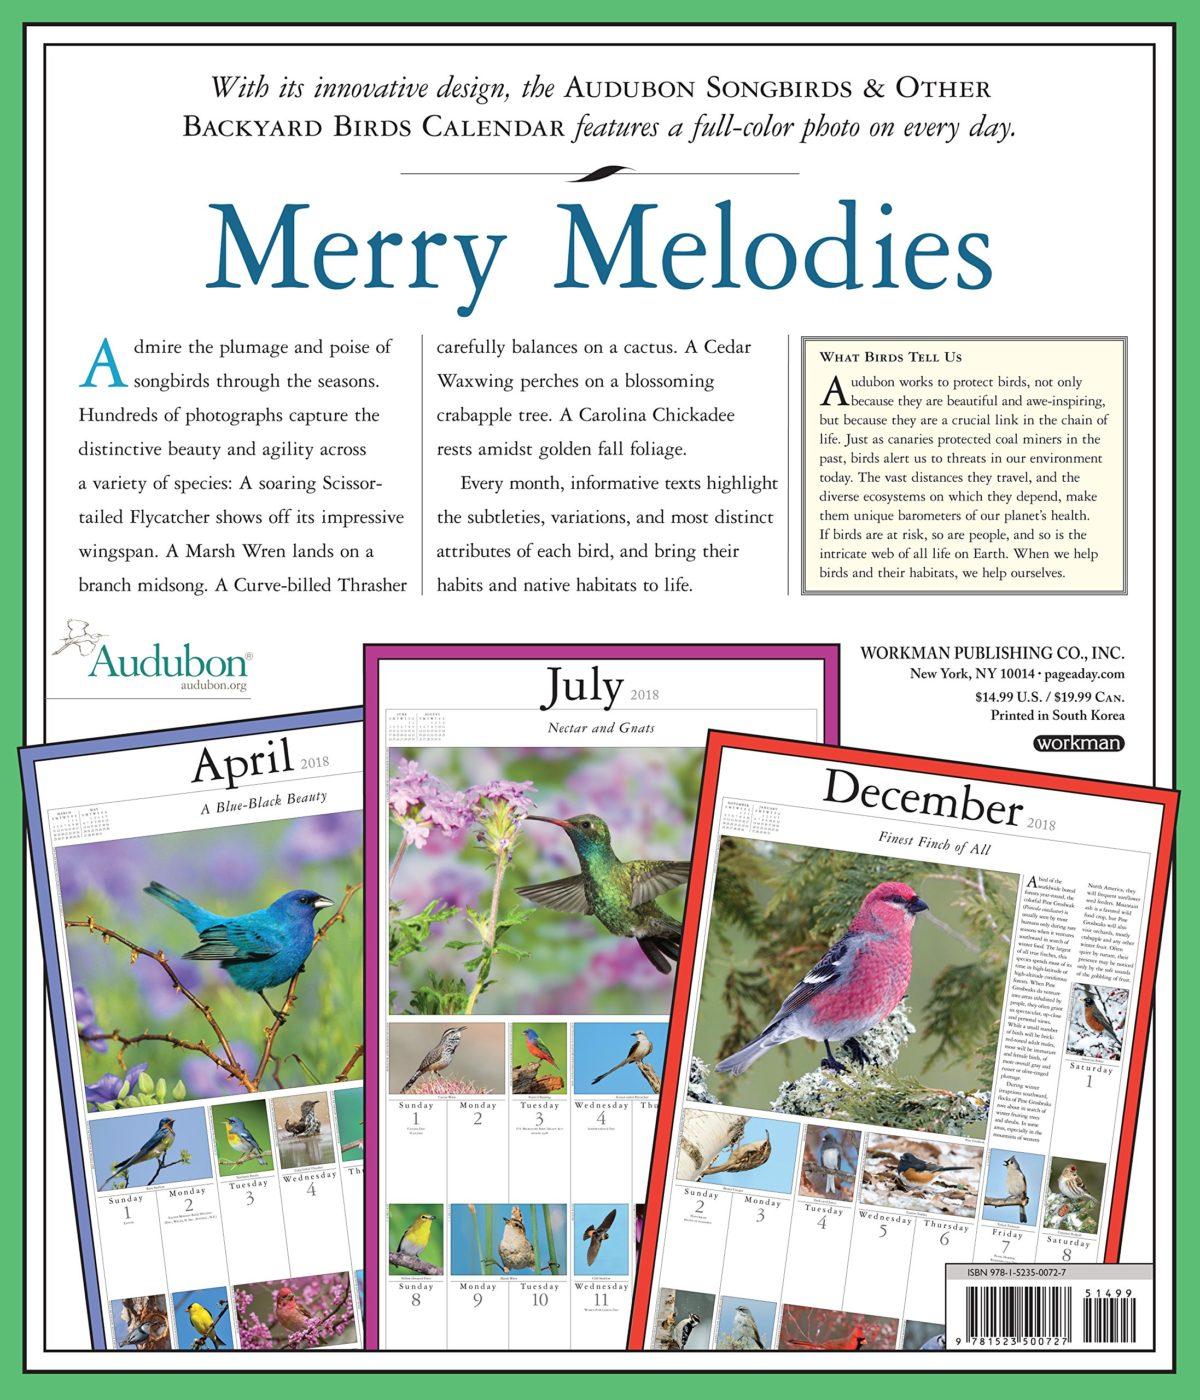 Clever Or Backyard Birds 2018 Wall Calendar Target 2018 Wall Calendar Pdf 2018 Wall Calendar Audubon Songbirds Or Backyard Birds 2018 Wall Calendar Audubon Songbirds inspiration 2018 Wall Calendar